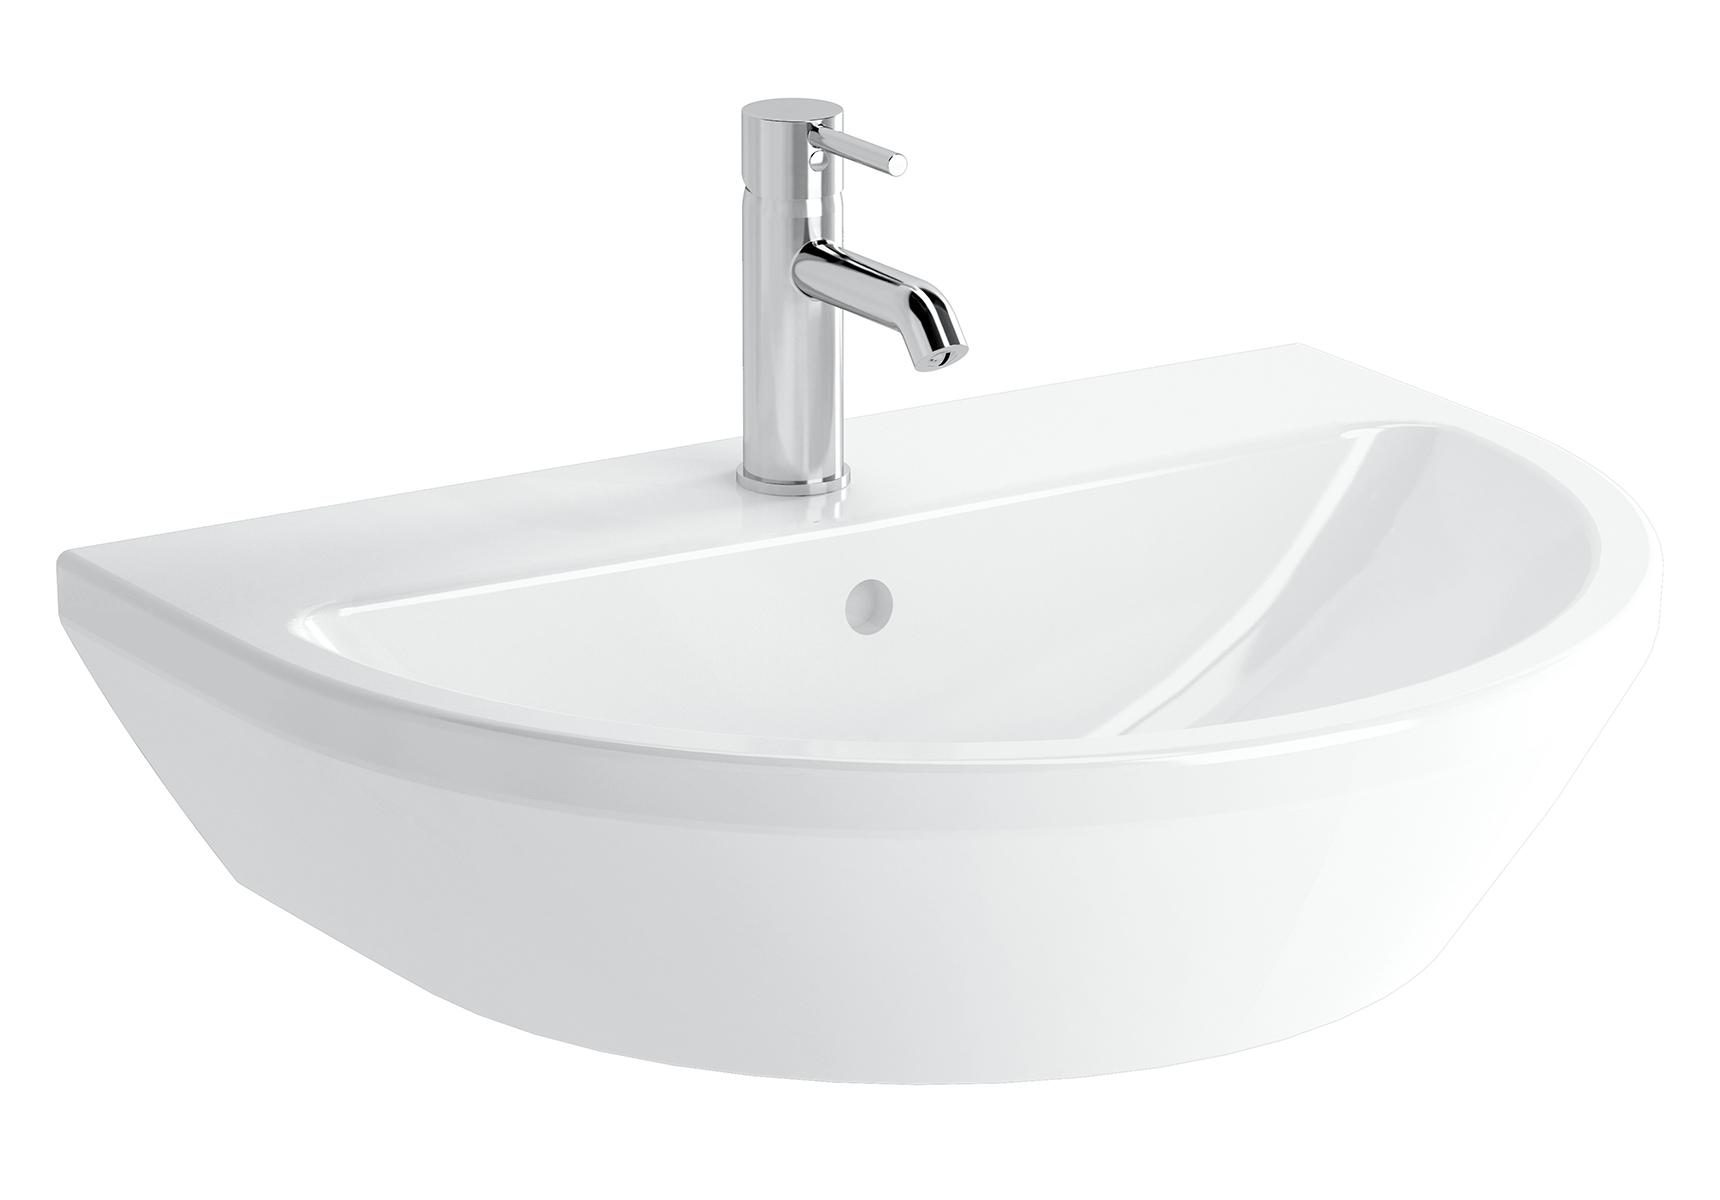 Integra lavabo rond, 65 cm, sans trou de robinet, avec trop-plein